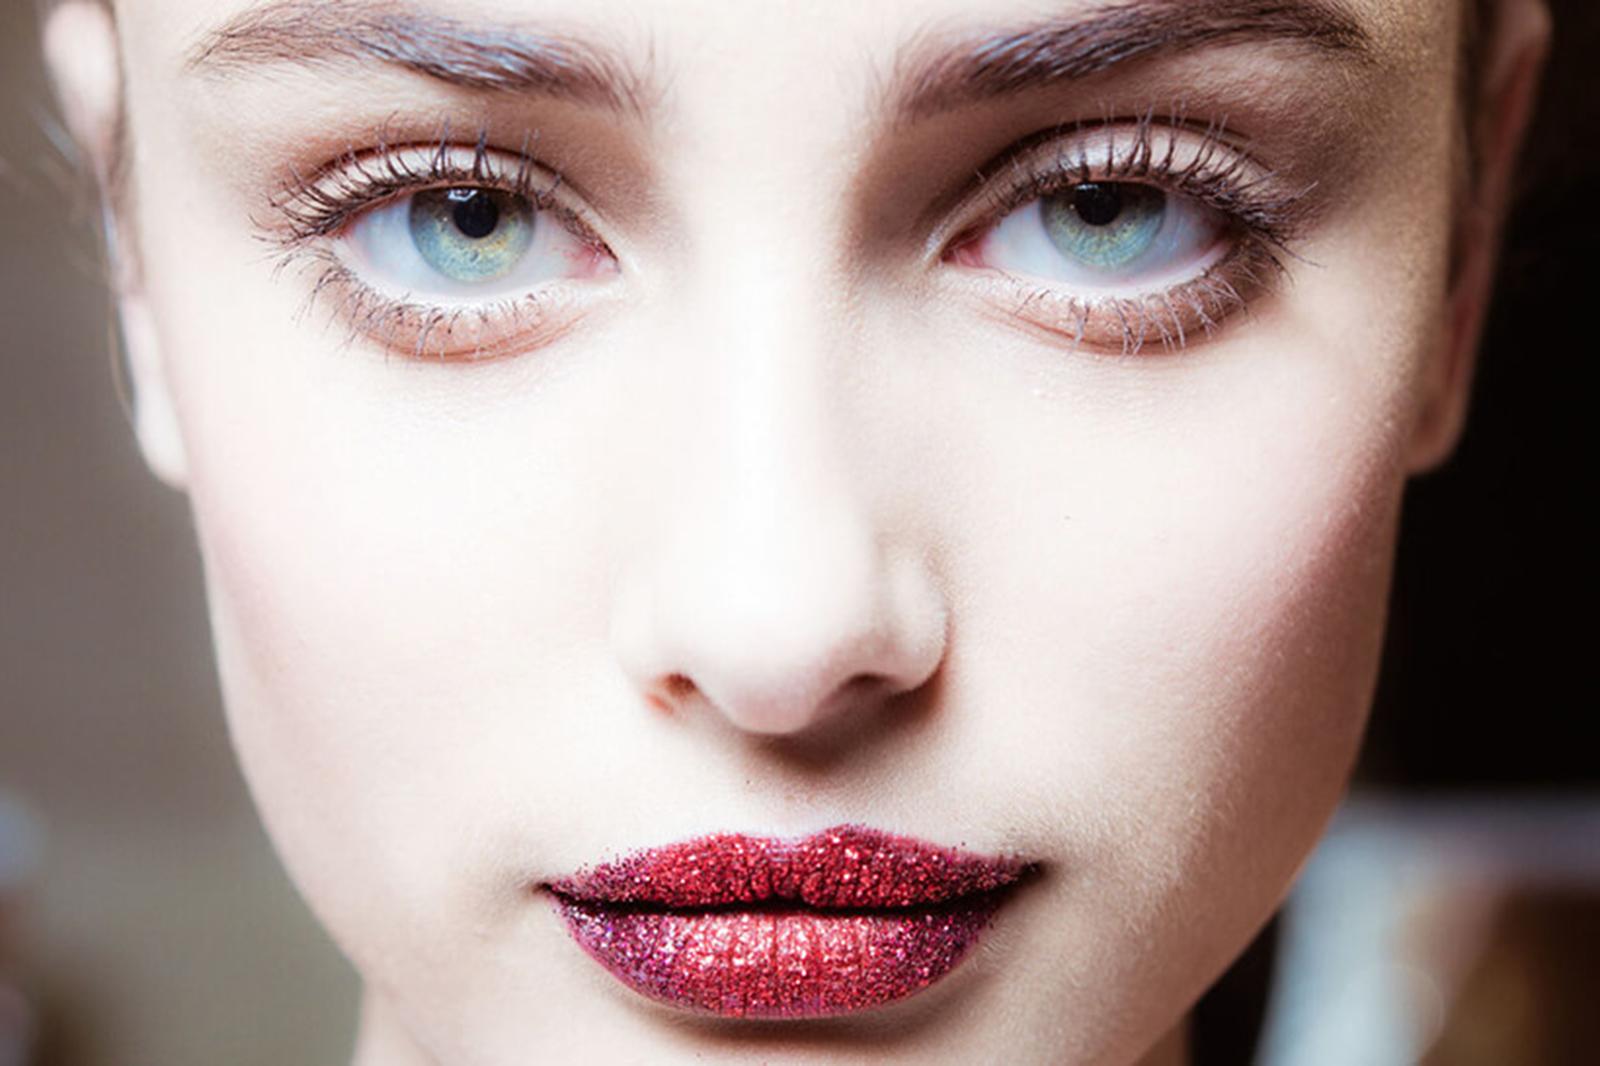 Maquillage Pat McGrath Labs arrive chez Sephora